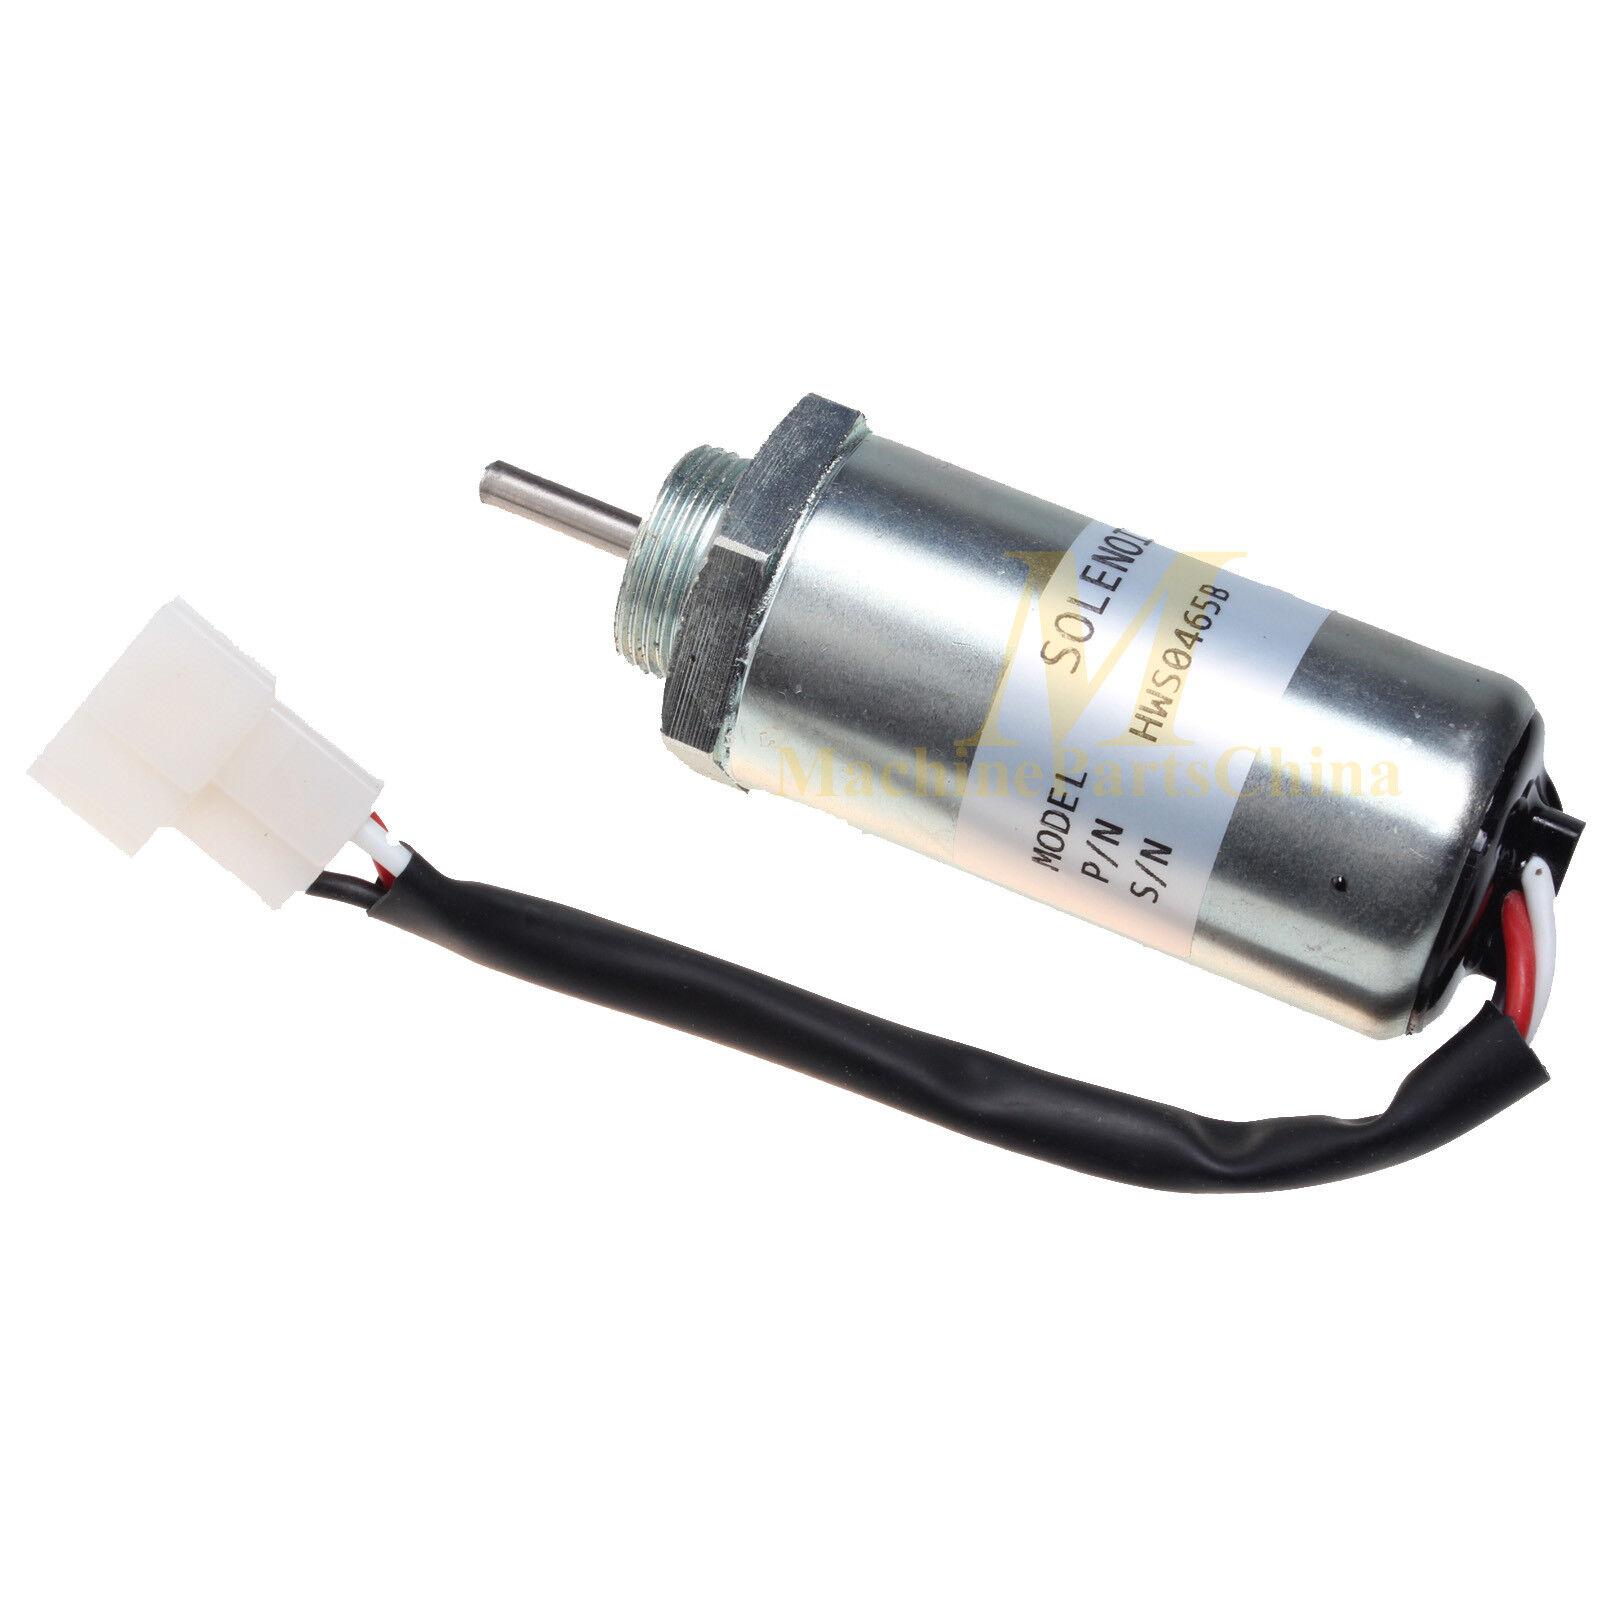 12V Fuel Shutoff Solenoid 8973295680 For Isuzu 3LD1 3LD2 4LE1 3LB1 4LB1 Engines